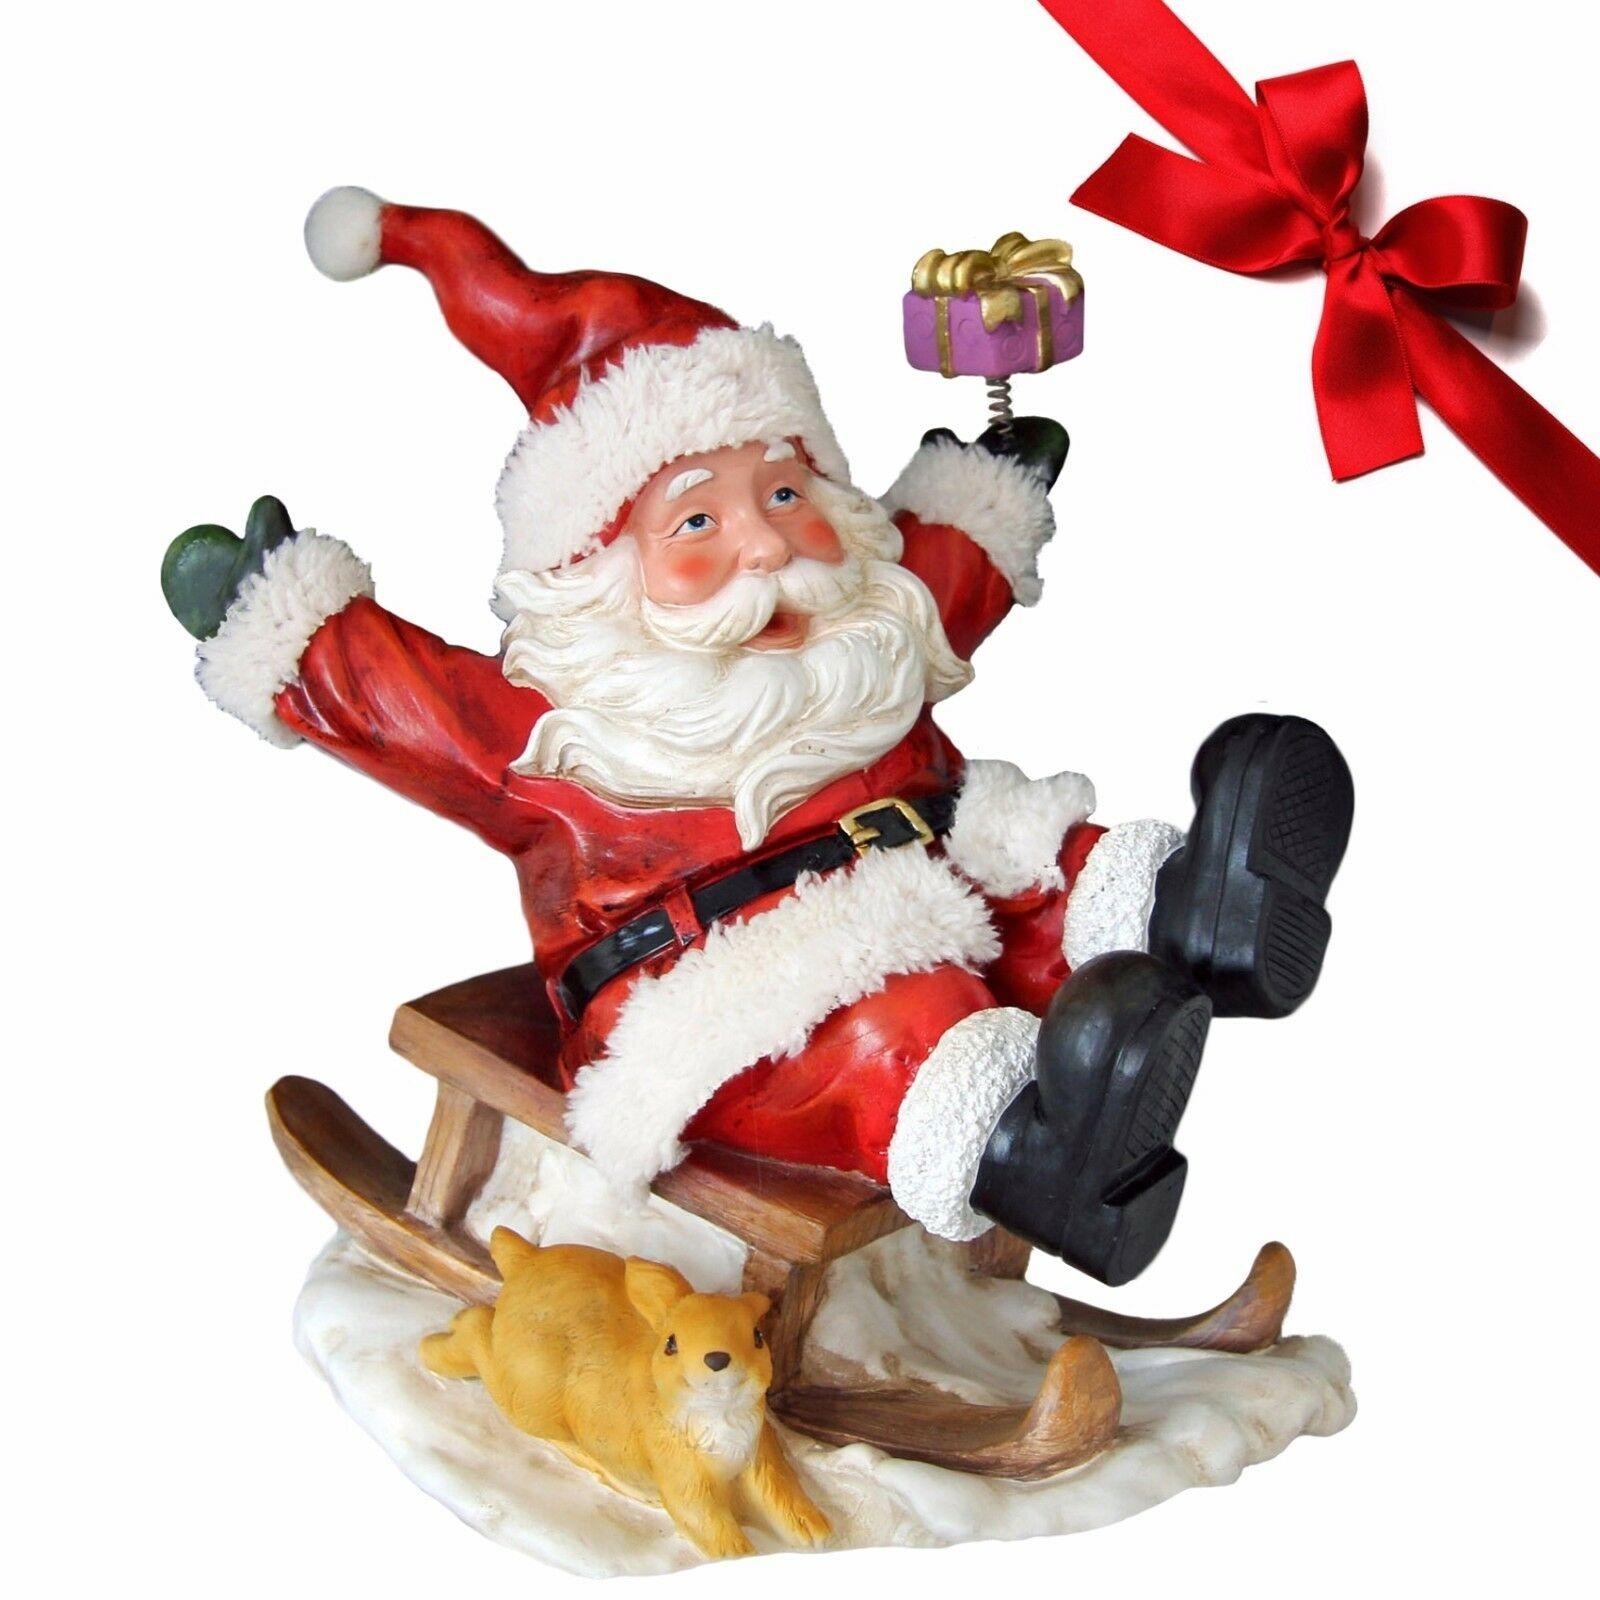 Schneemann Zippy - Weihnachtsfigur perfekt für die Dekoration zu Heiligabend